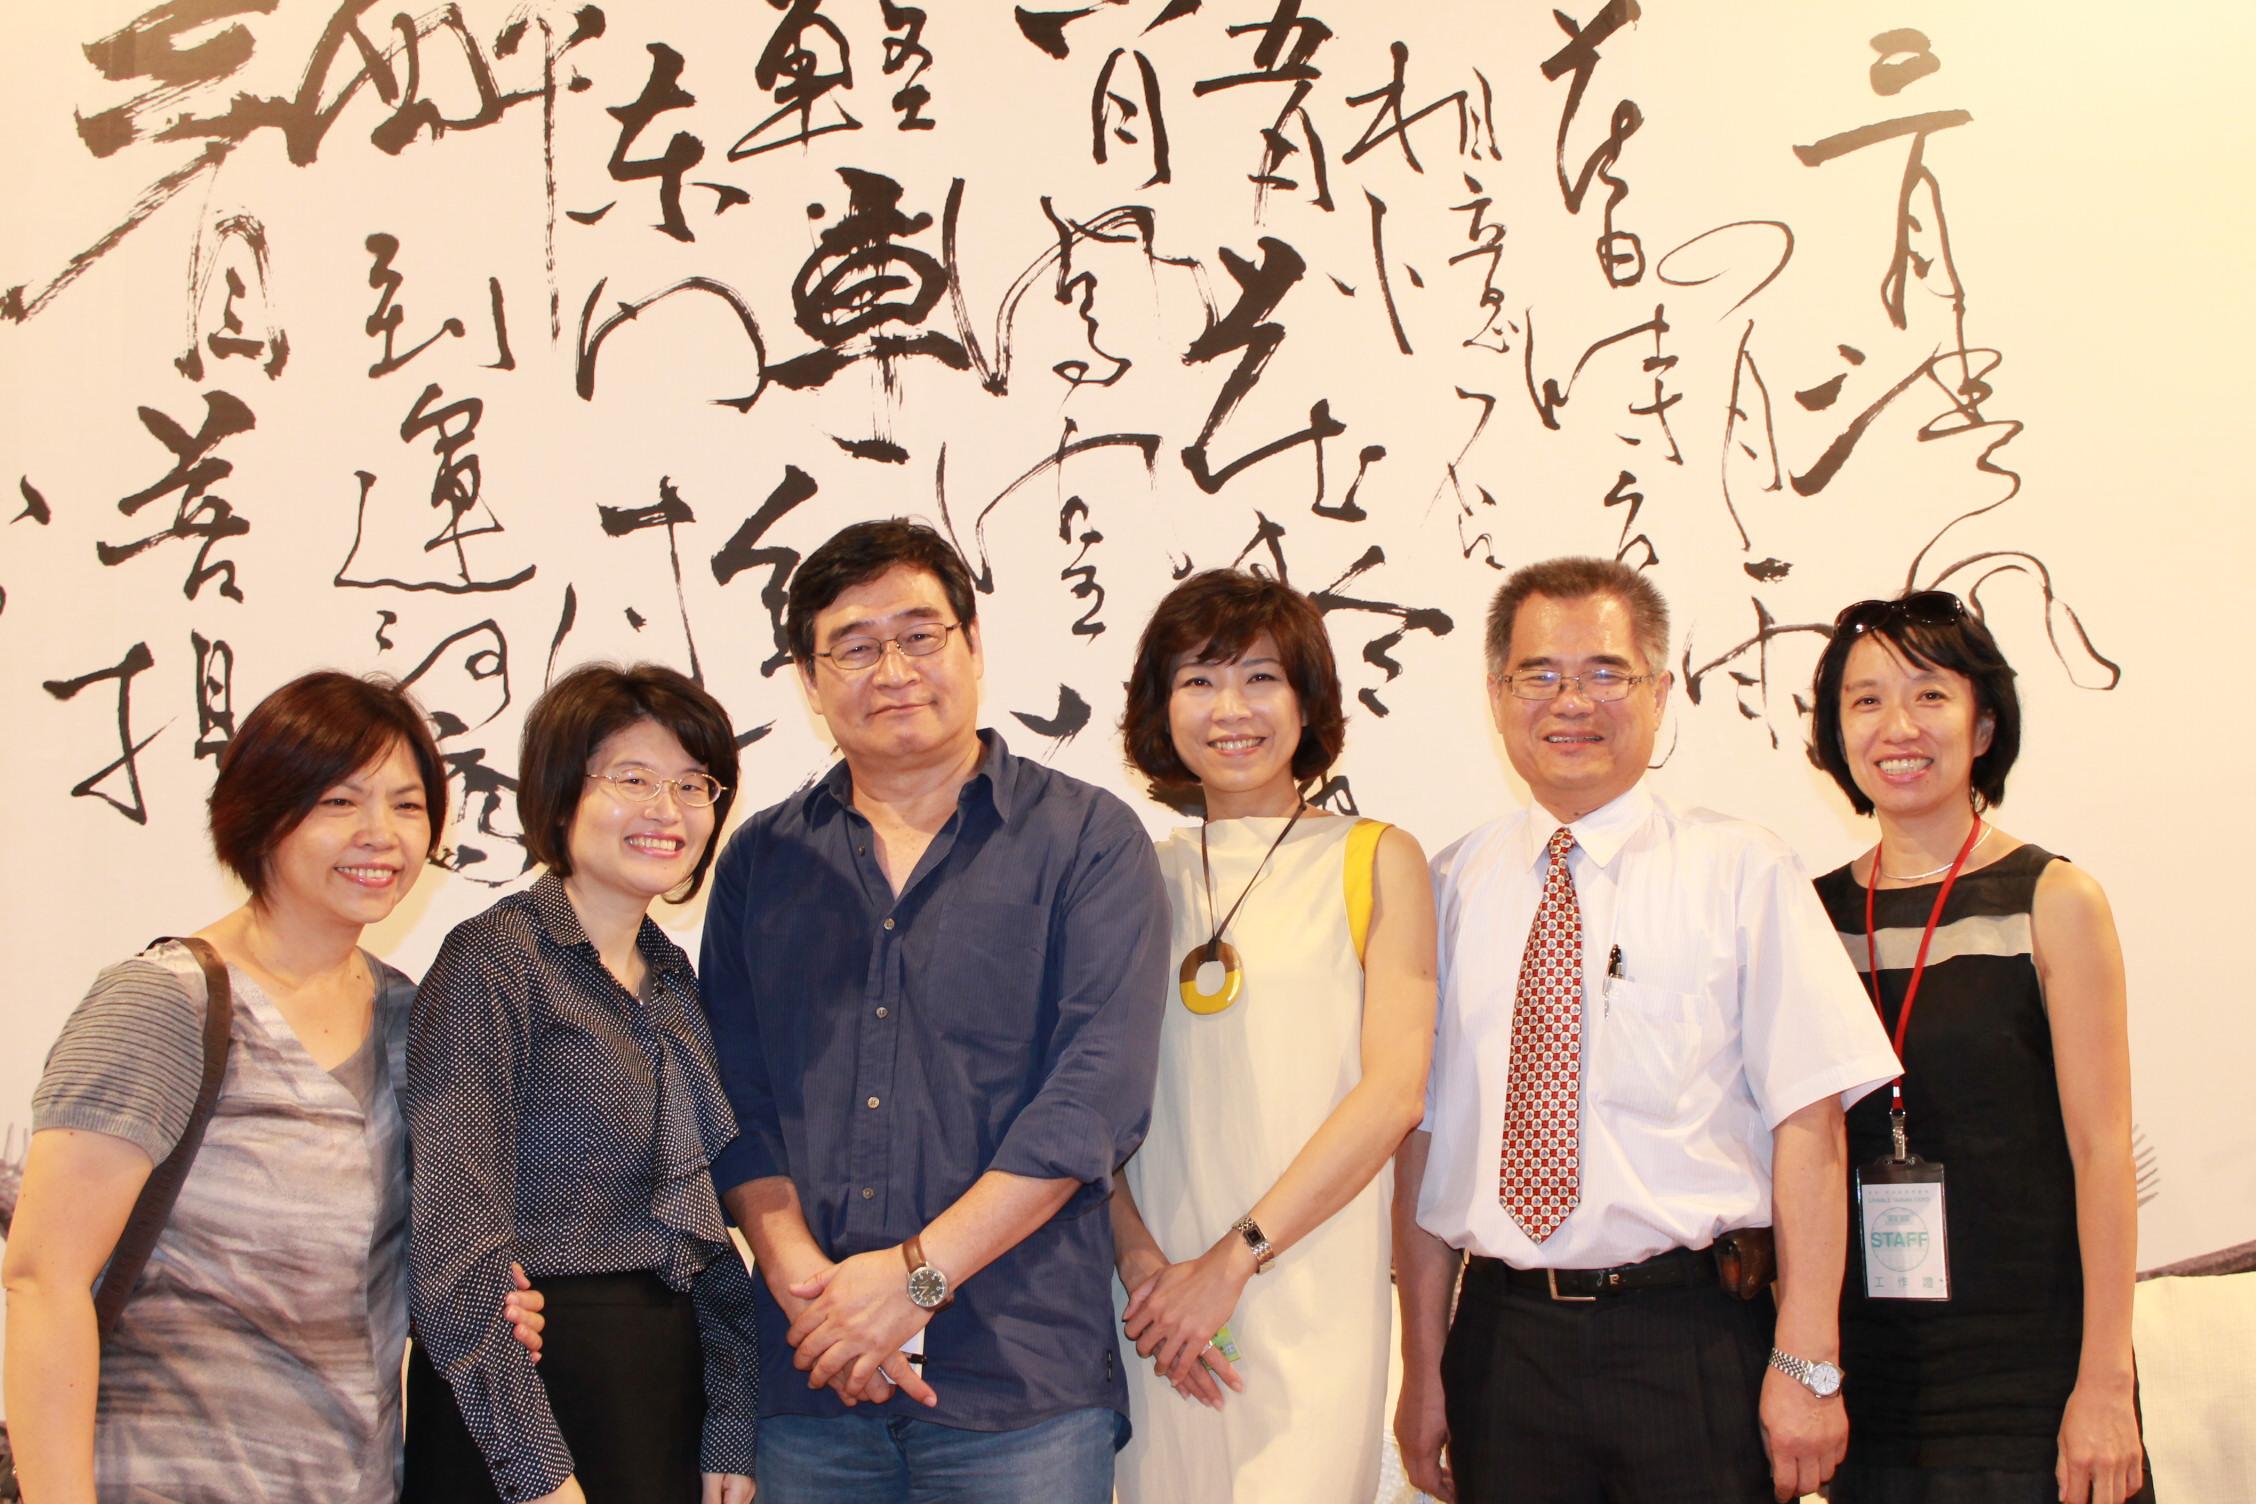 「2013宜居‧移居臺南博覽會」都市發展與青年就業結合,宣傳臺南就業力  1